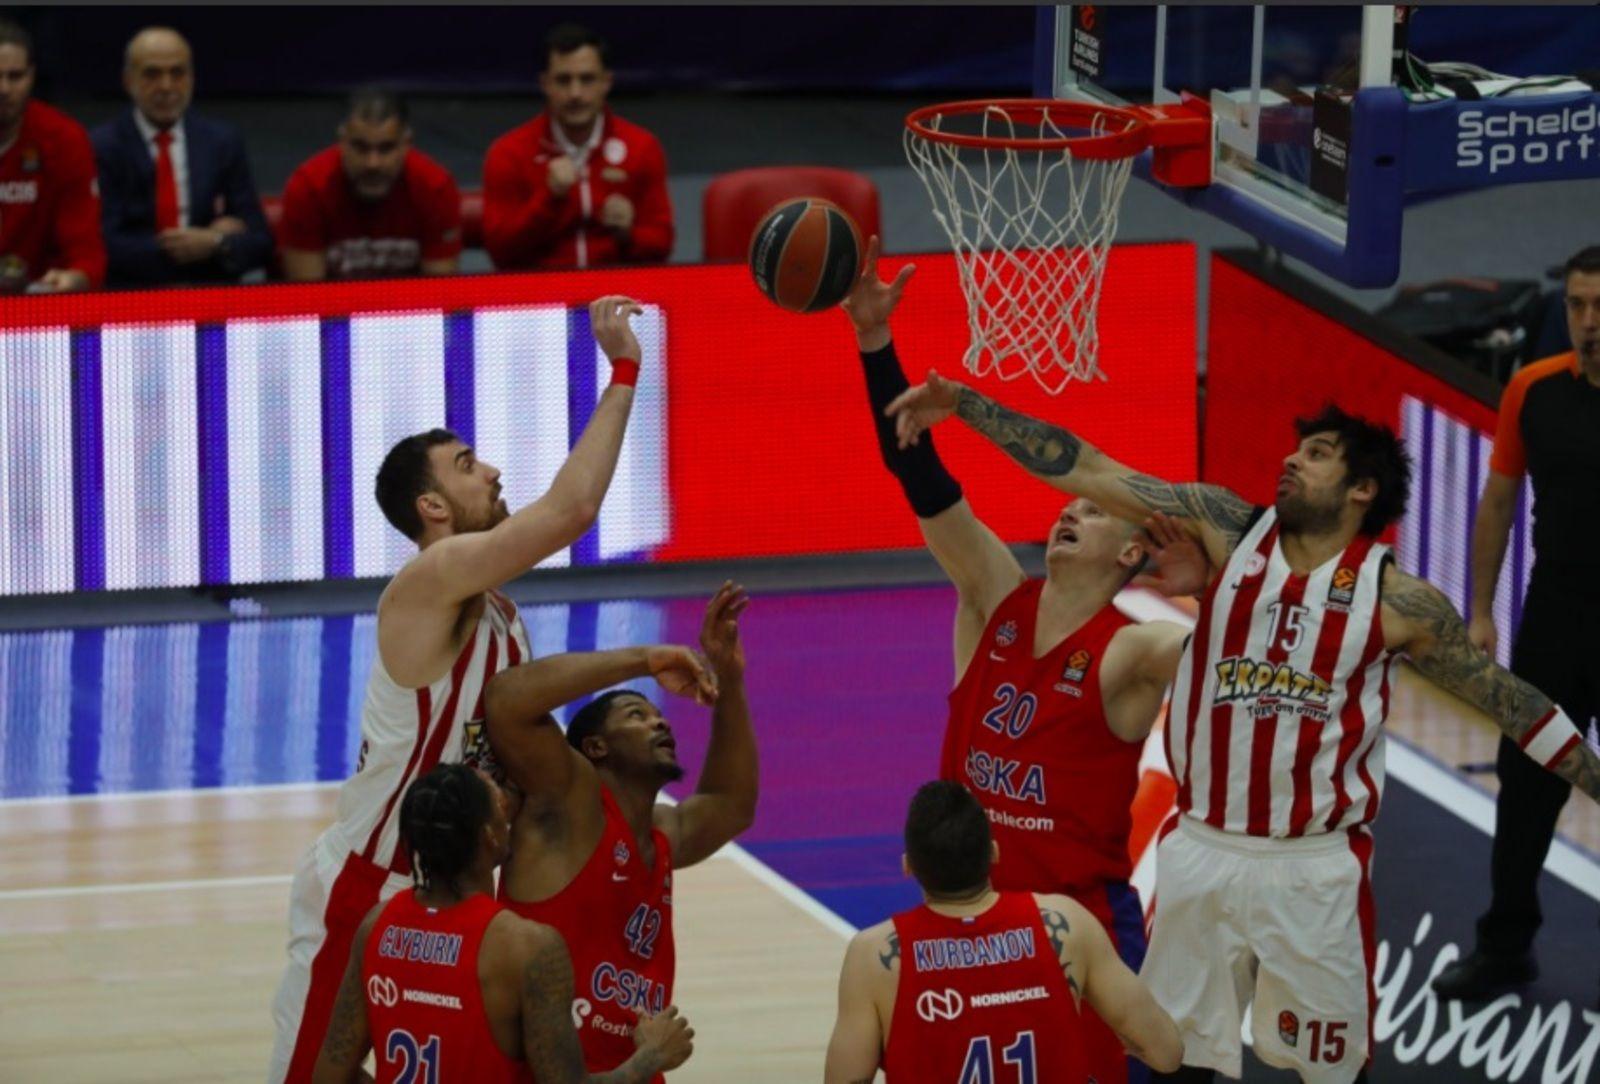 Соперники встретились на площадке в матче 27-го тура регулярного чемпионата баскетбольной Евролиги